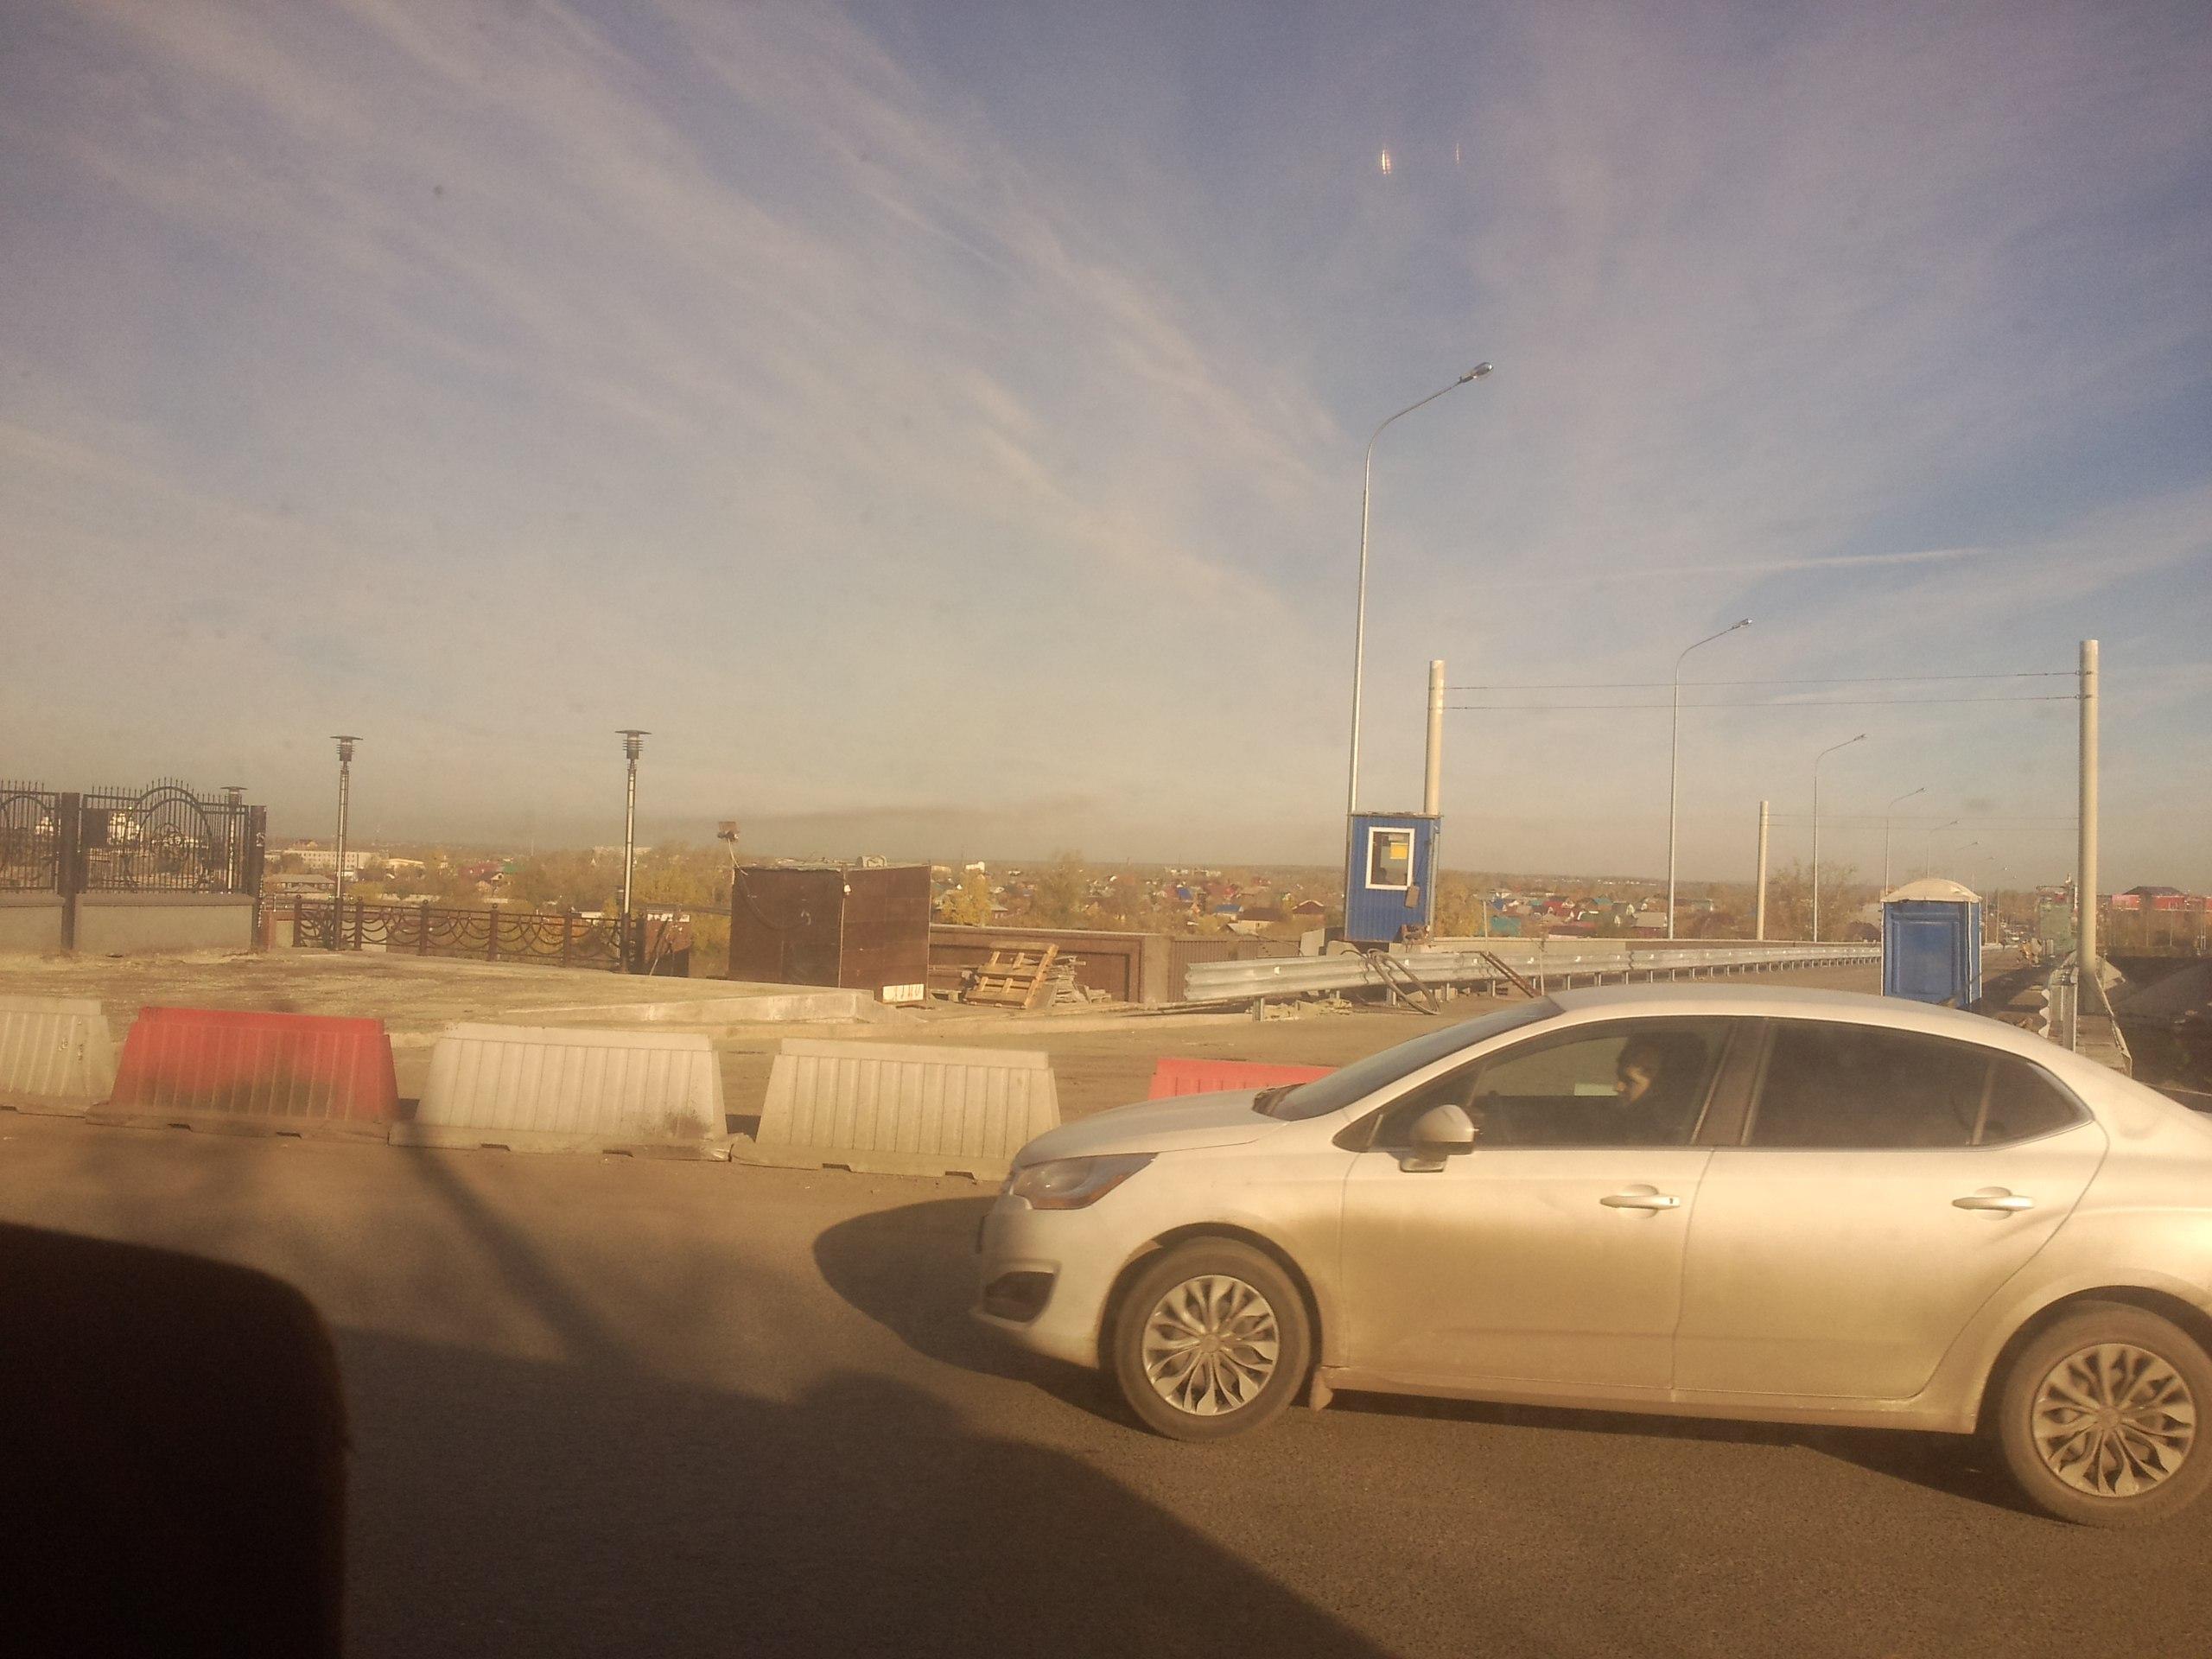 В Тюмени открыли два моста на улицах Дамбовская и Челюскинцев - 21 октября 2015 года